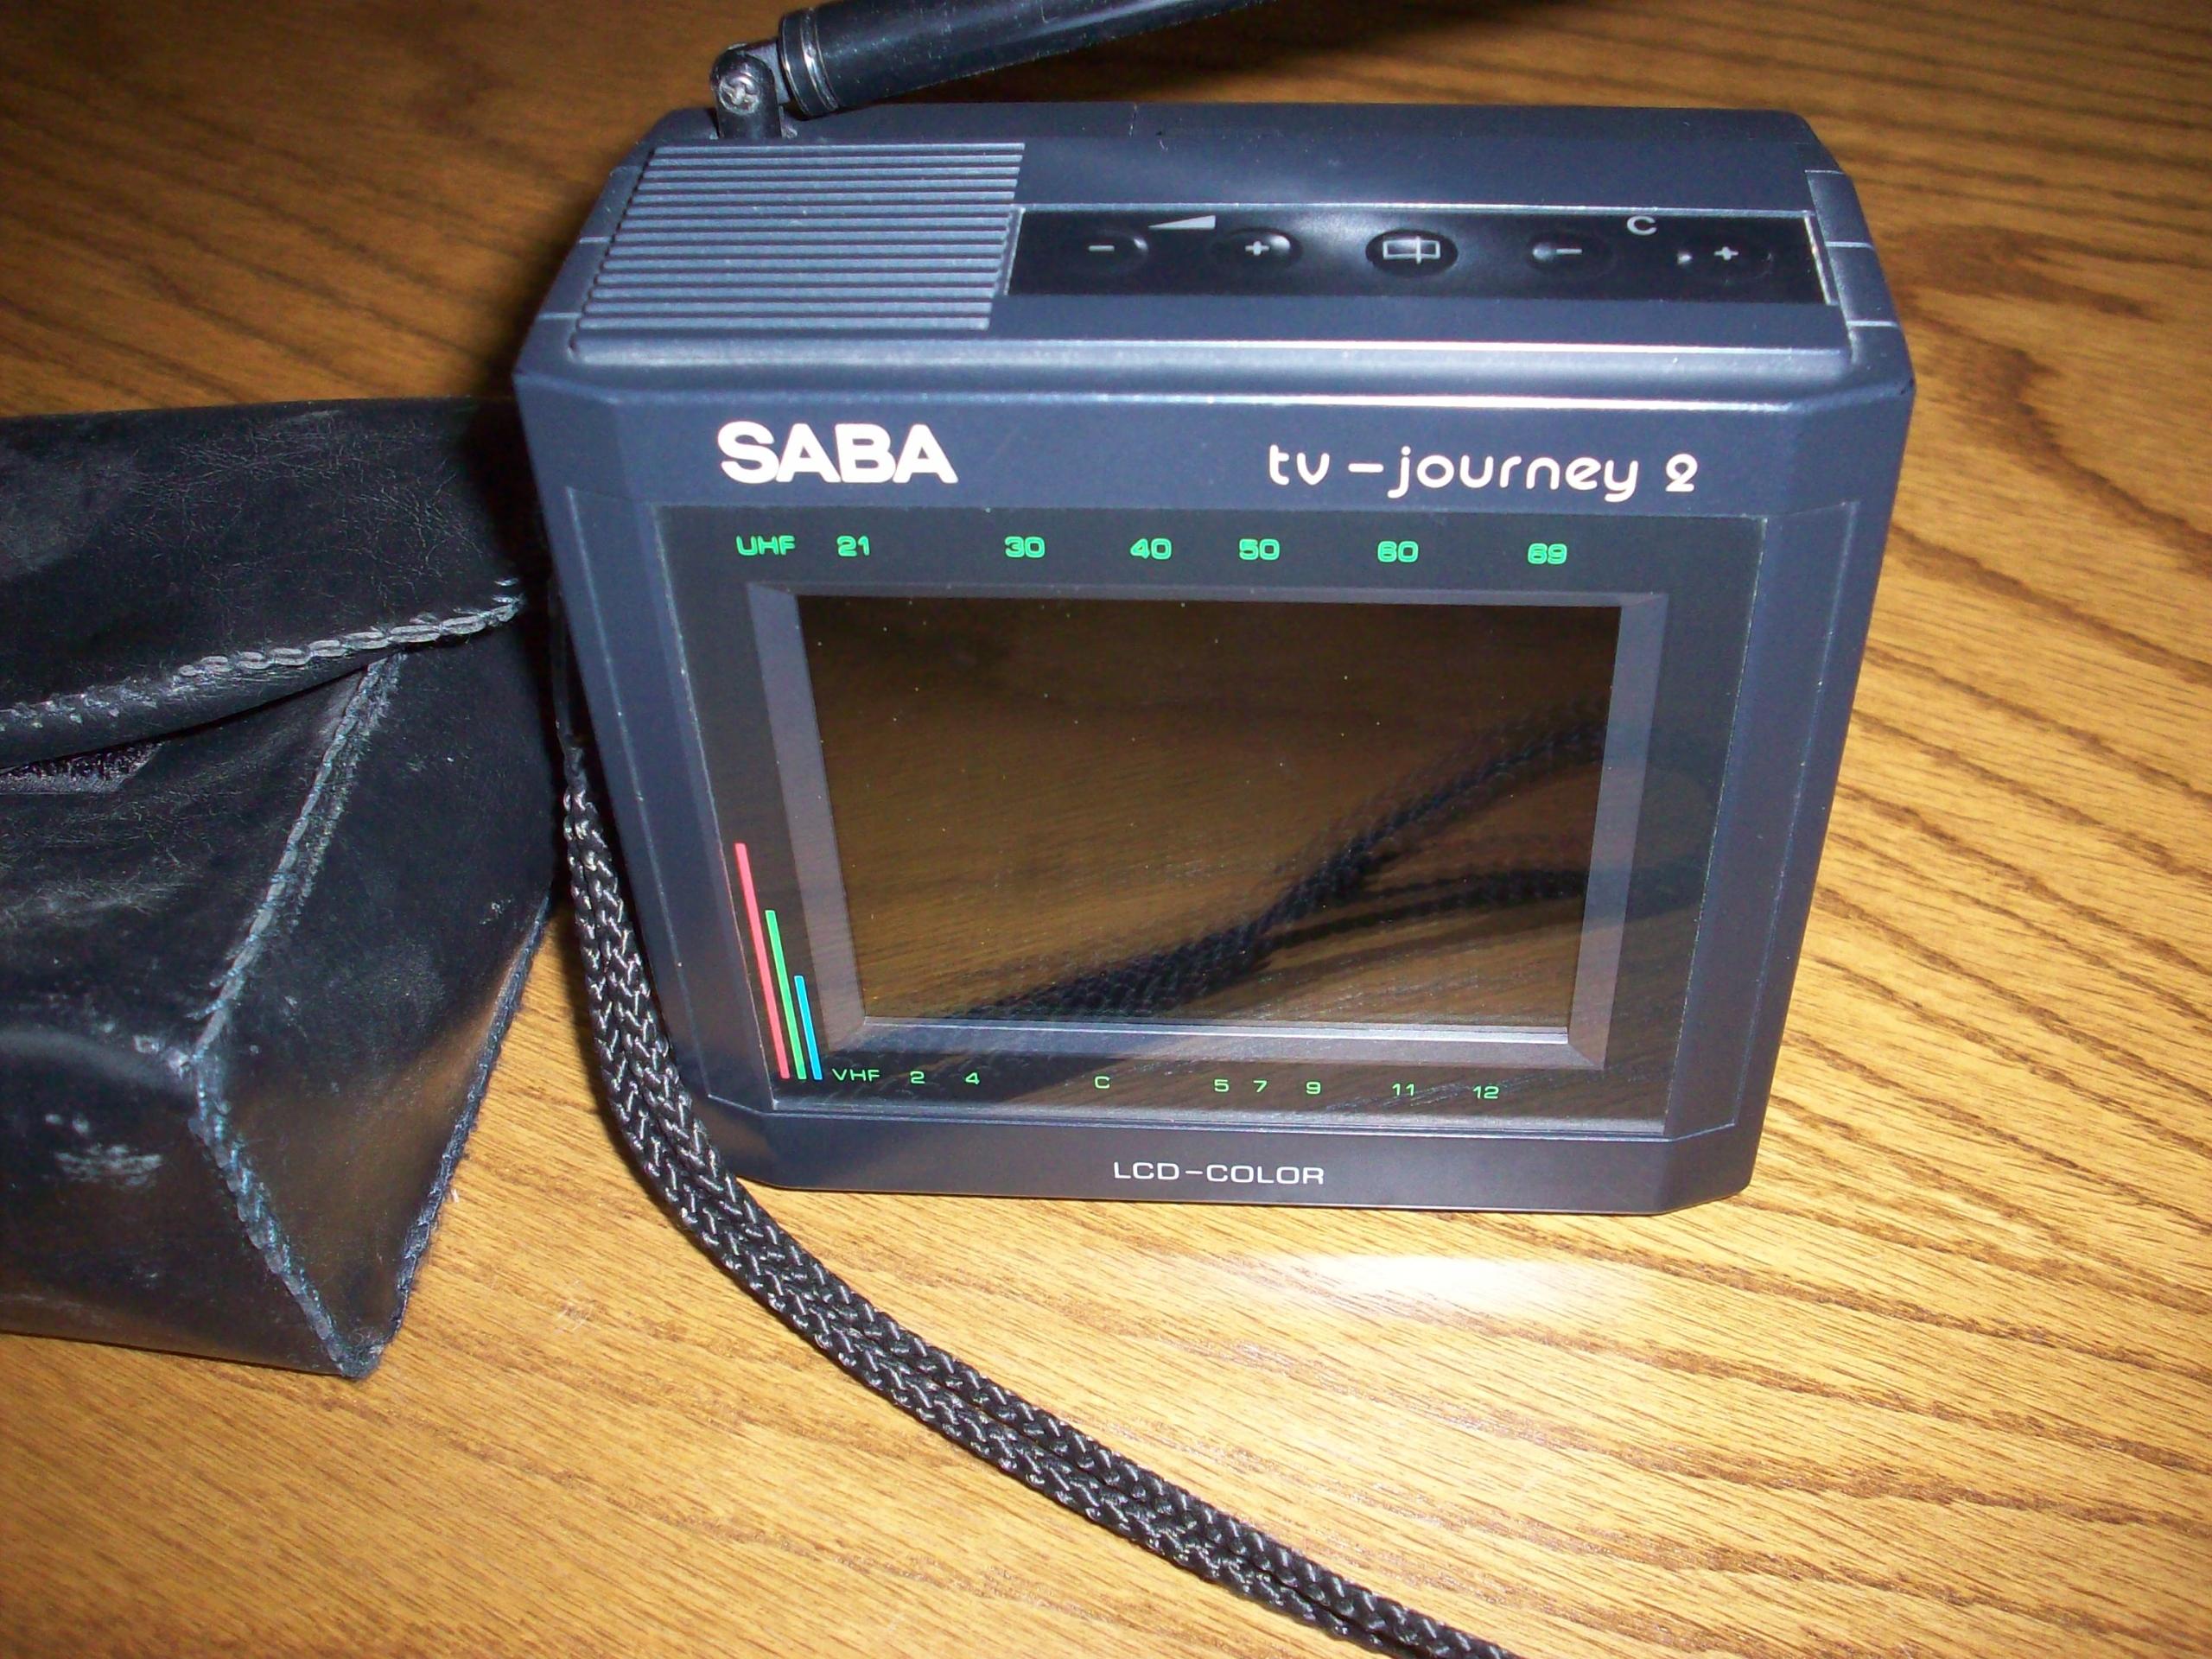 SABA TV Journey 2 - идеальное состояние коллекционера